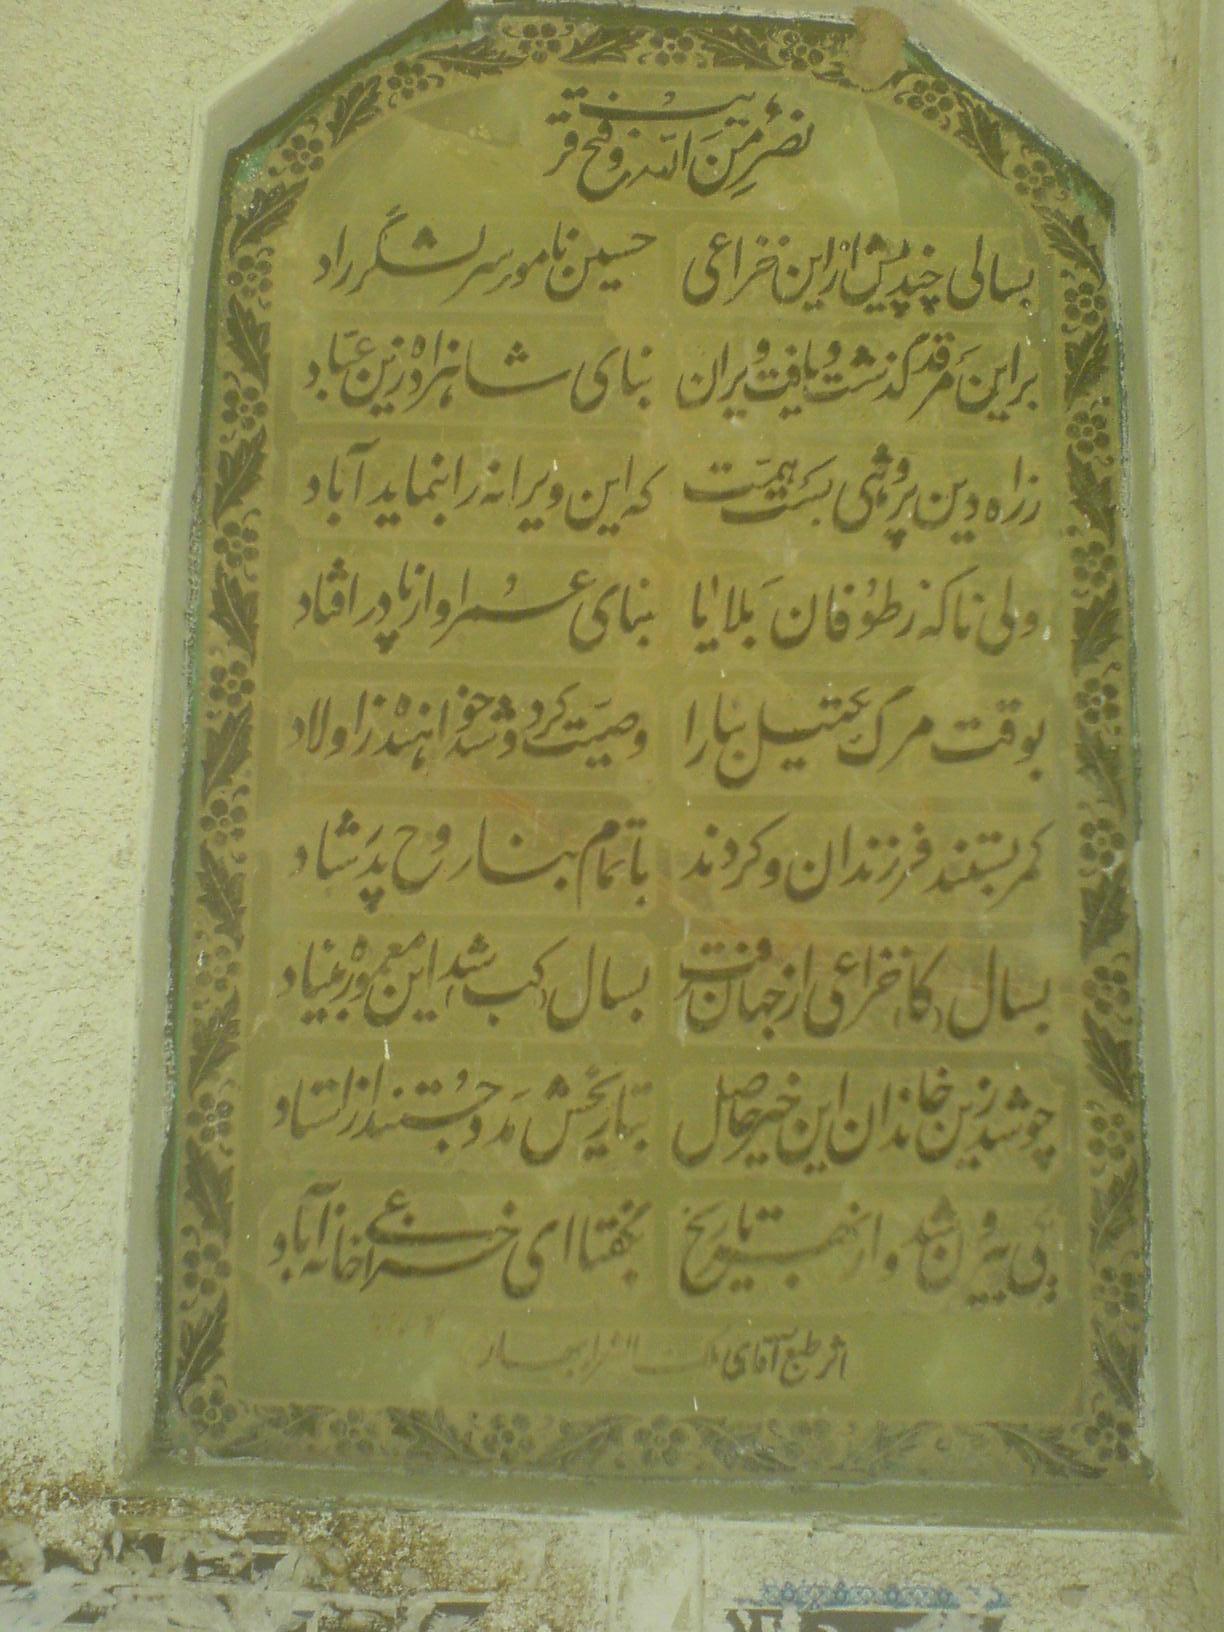 شعری از ملک الشعراءبهار درباره مرمت امامزاده زین العابدین باغخواص(ع)